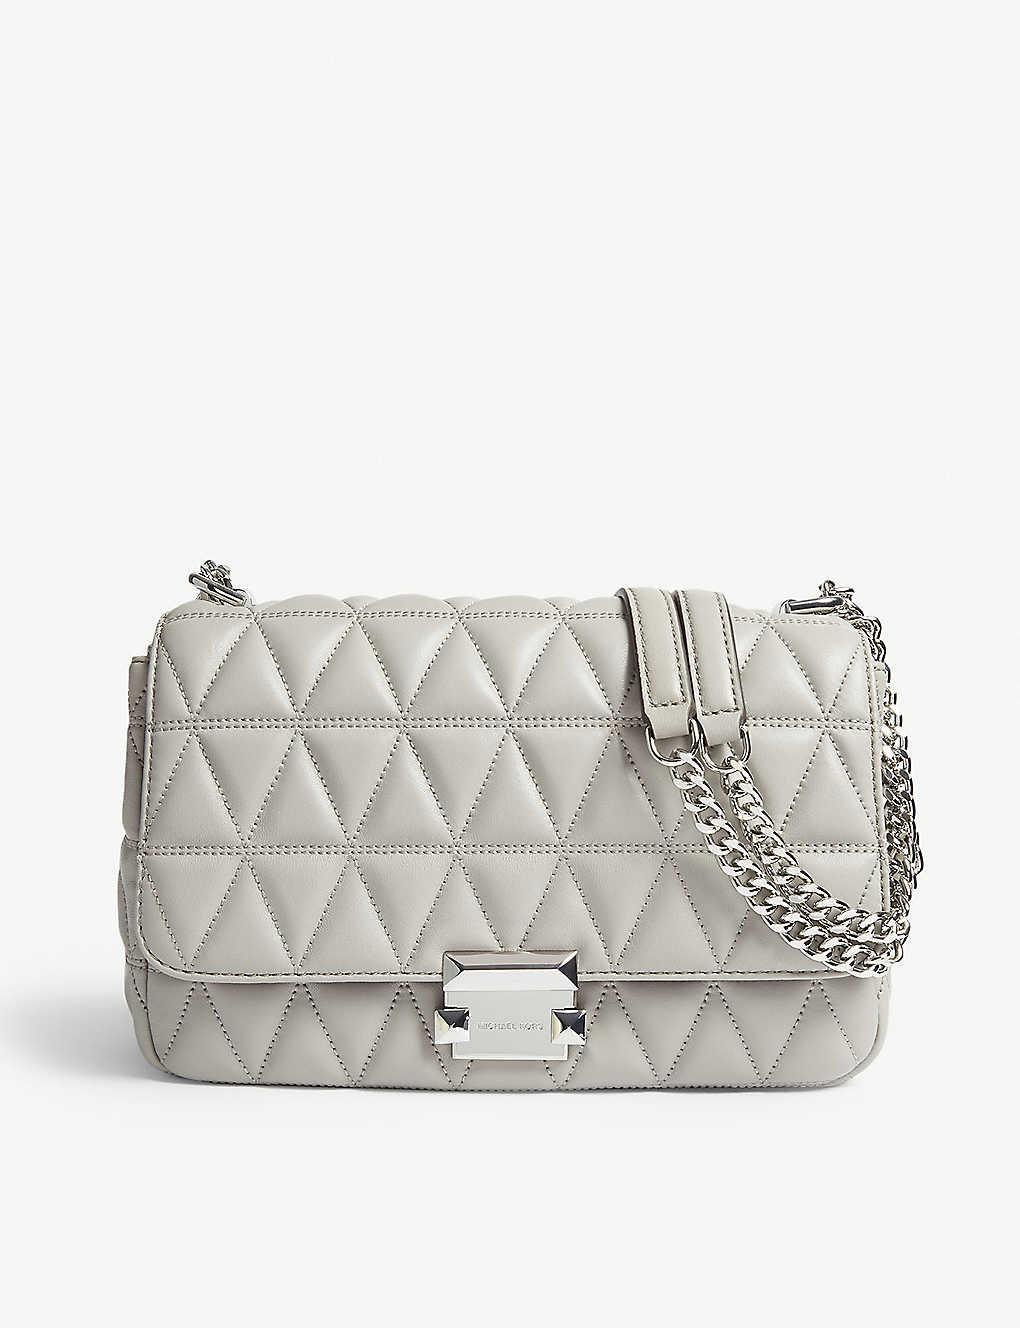 MICHAEL MICHAEL KORS: Sloan large quilted shoulder bag